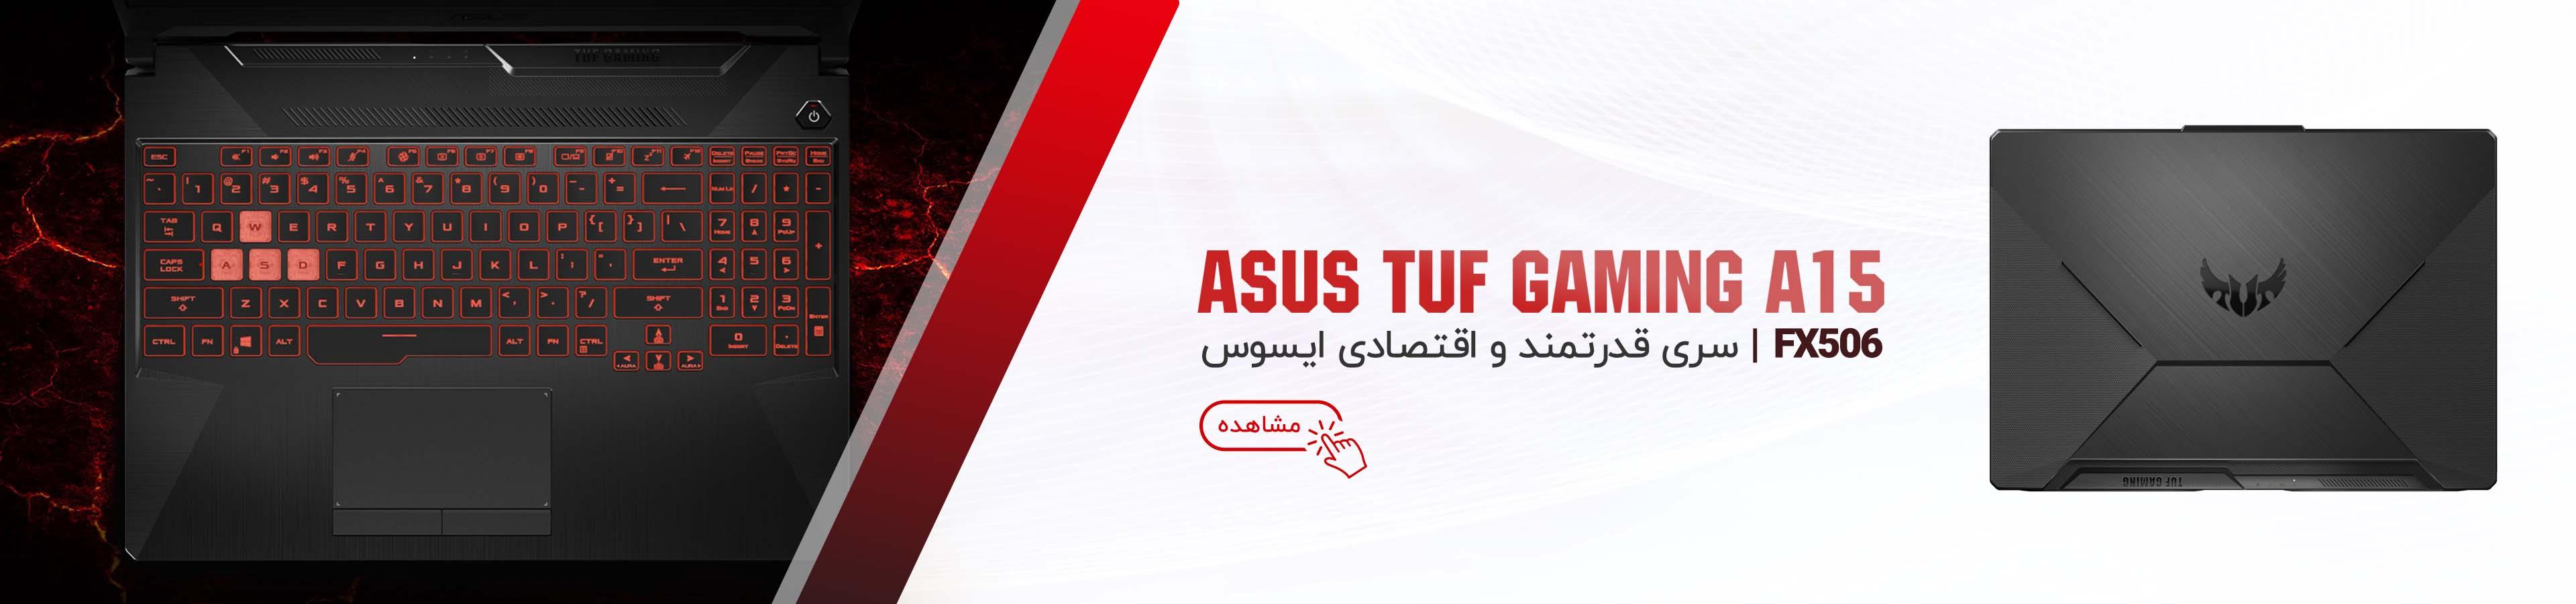 Asus TUF FX506